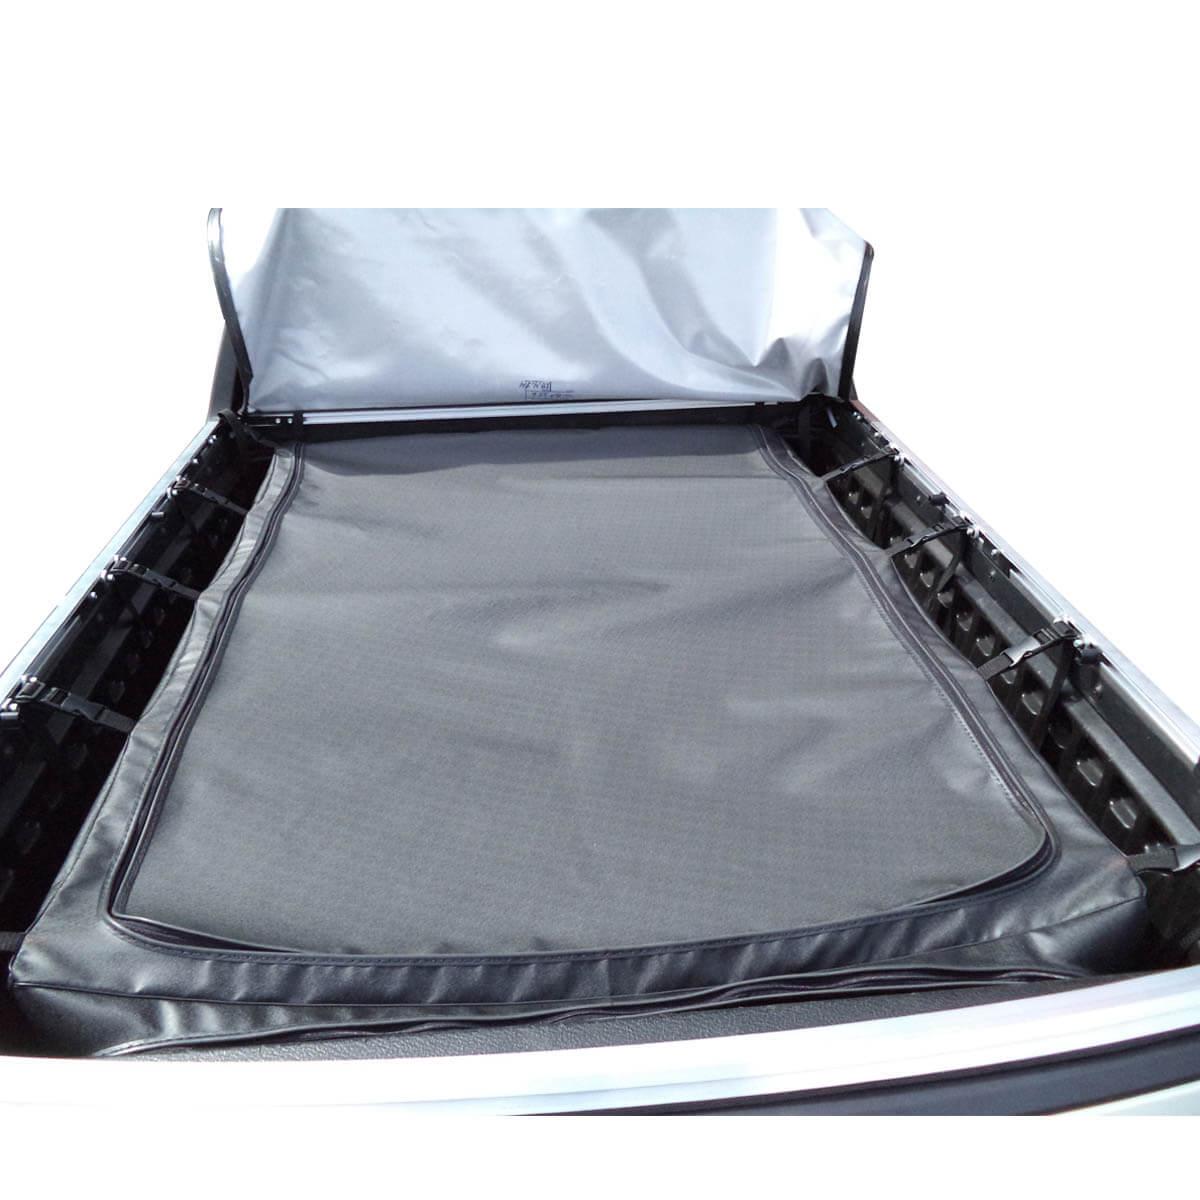 Bolsa caçamba estendida horizontal S10 cabine simples 1995 a 2011